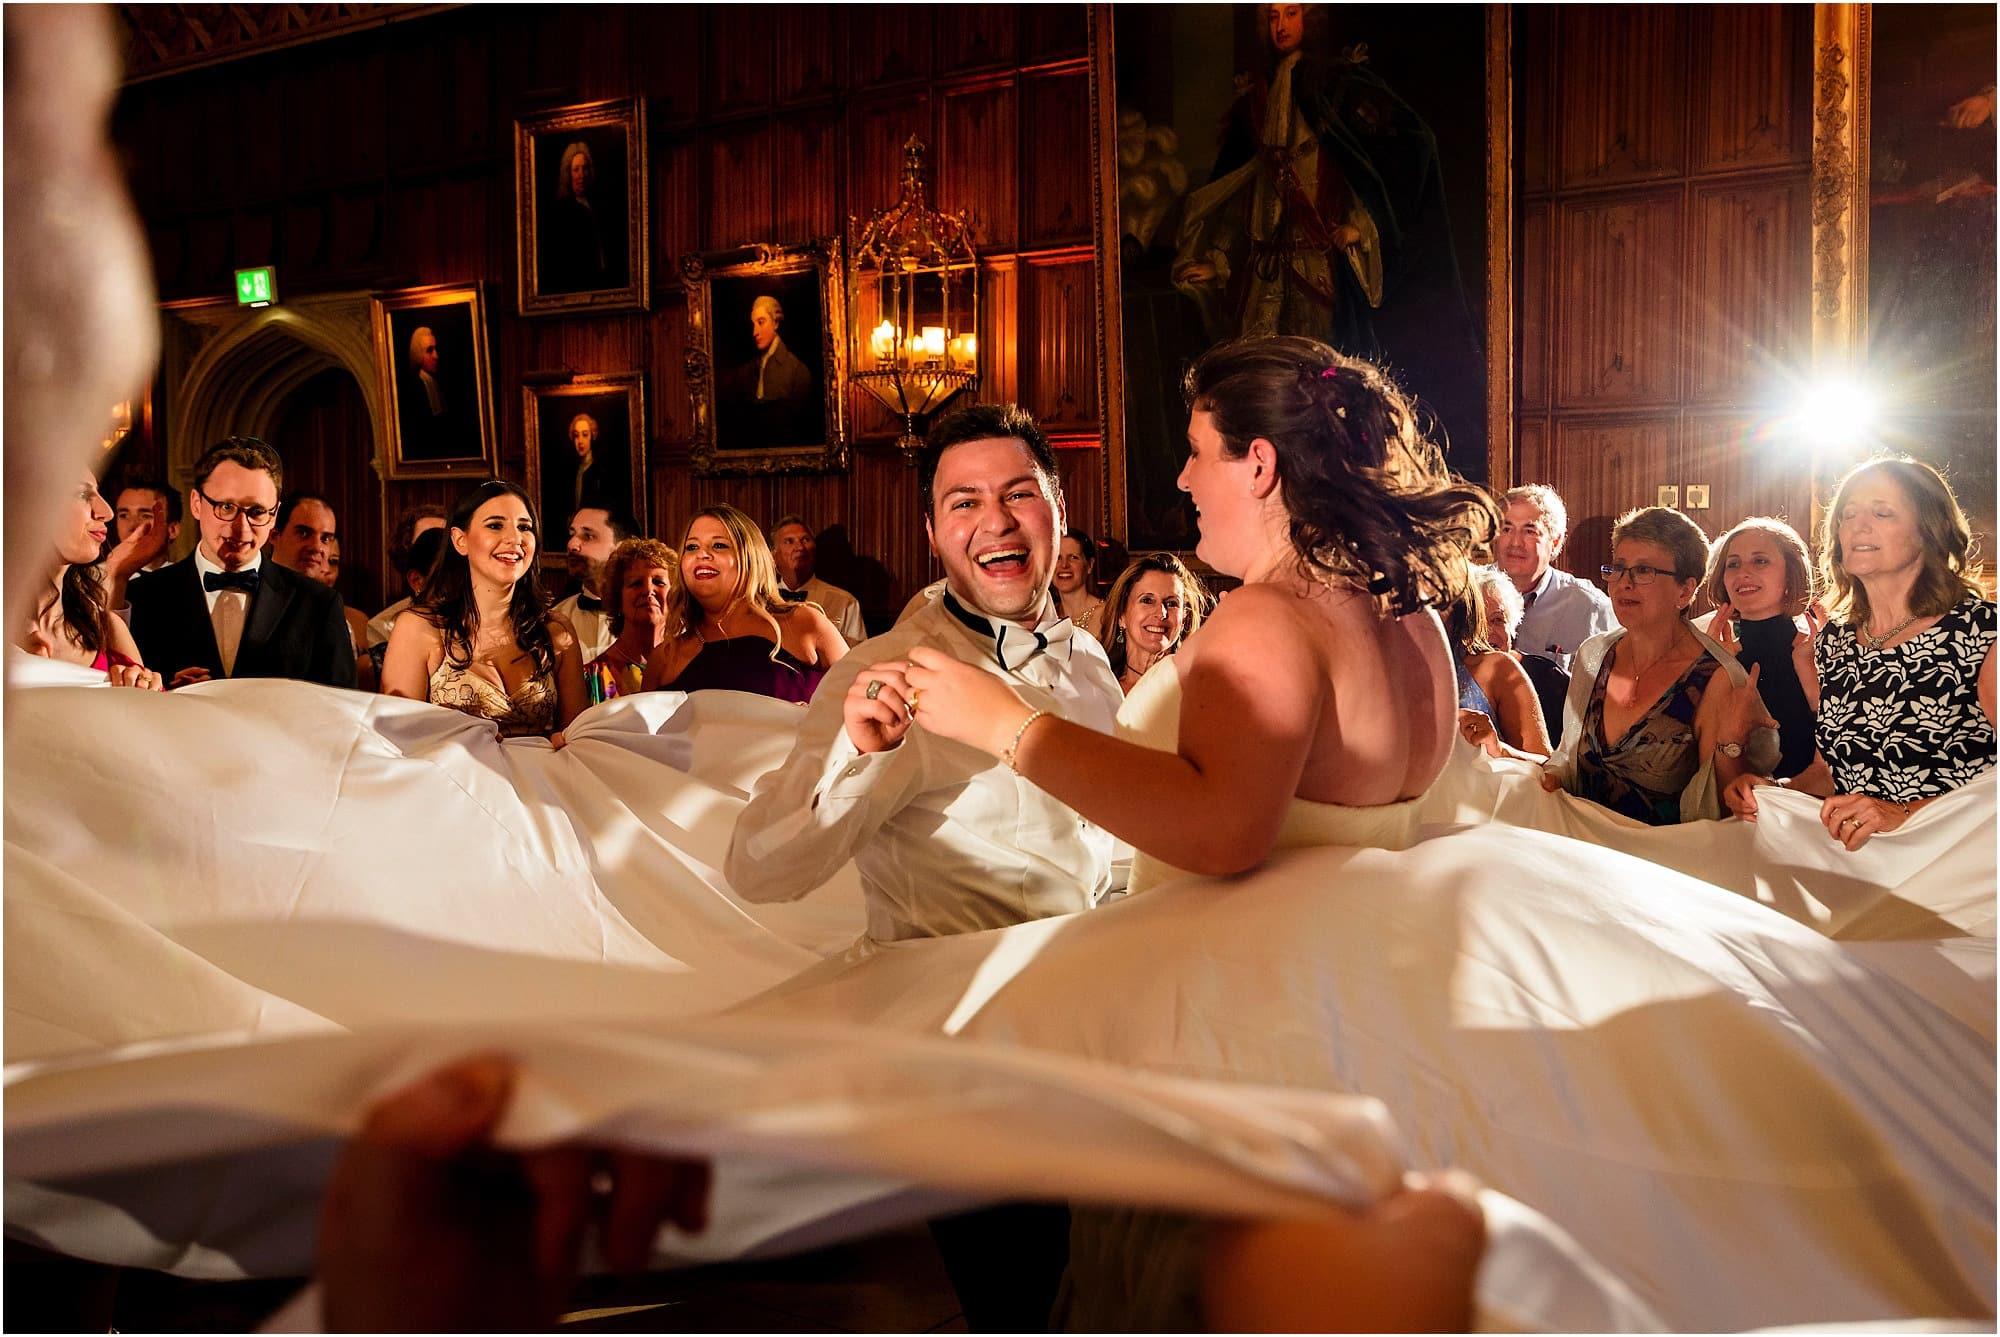 Cambridge University Wedding Photography Jewish Israeli dancing